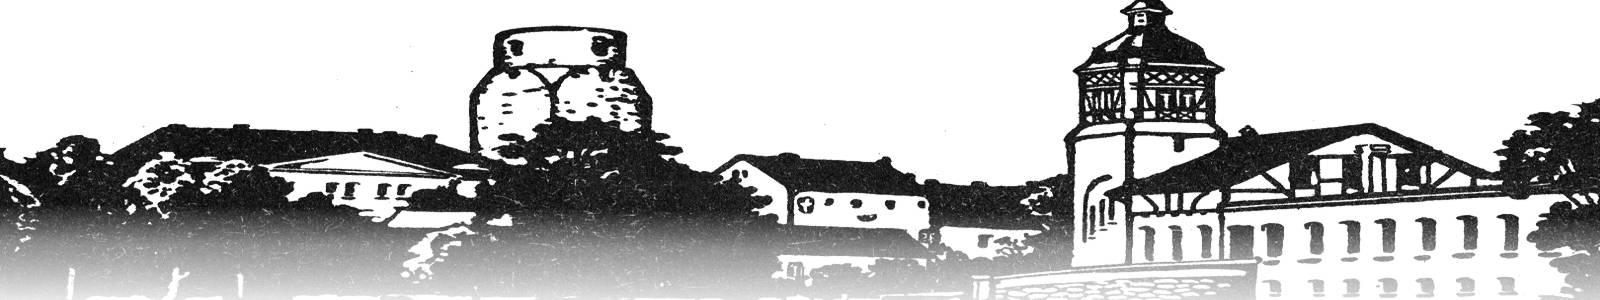 Historische Stadtansicht